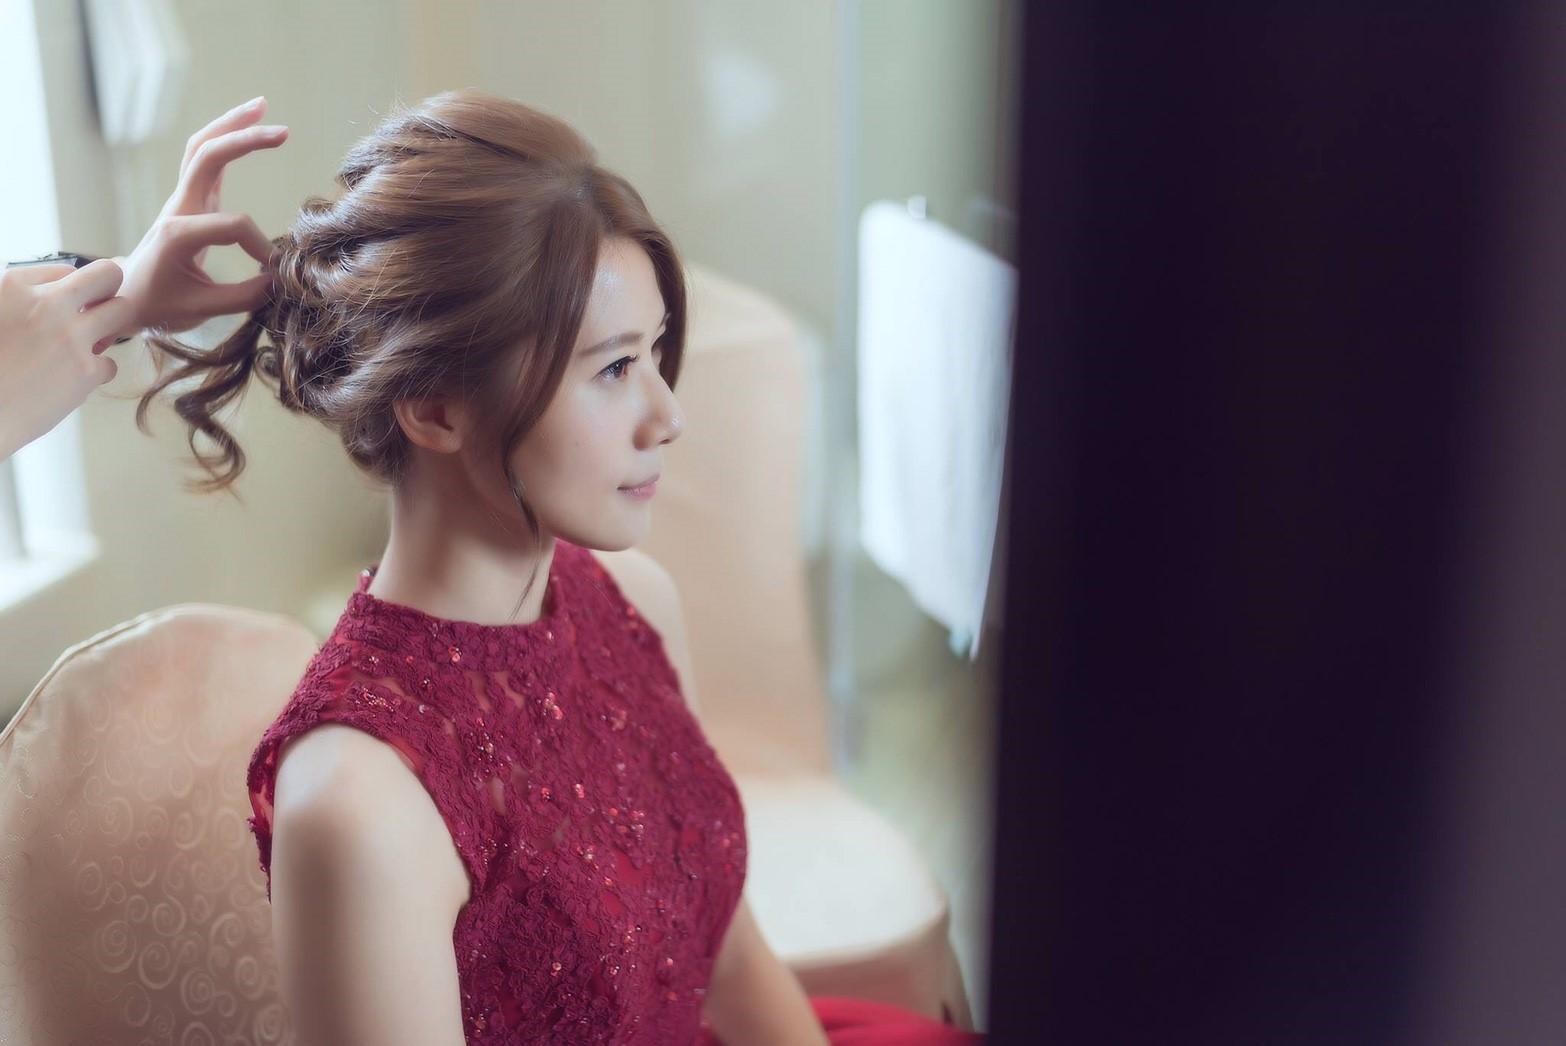 新娘秘書文定造型, 新娘造型, 韓系, 鮮花造型, 光澤肌, 歐美, 清新自然, 時尚